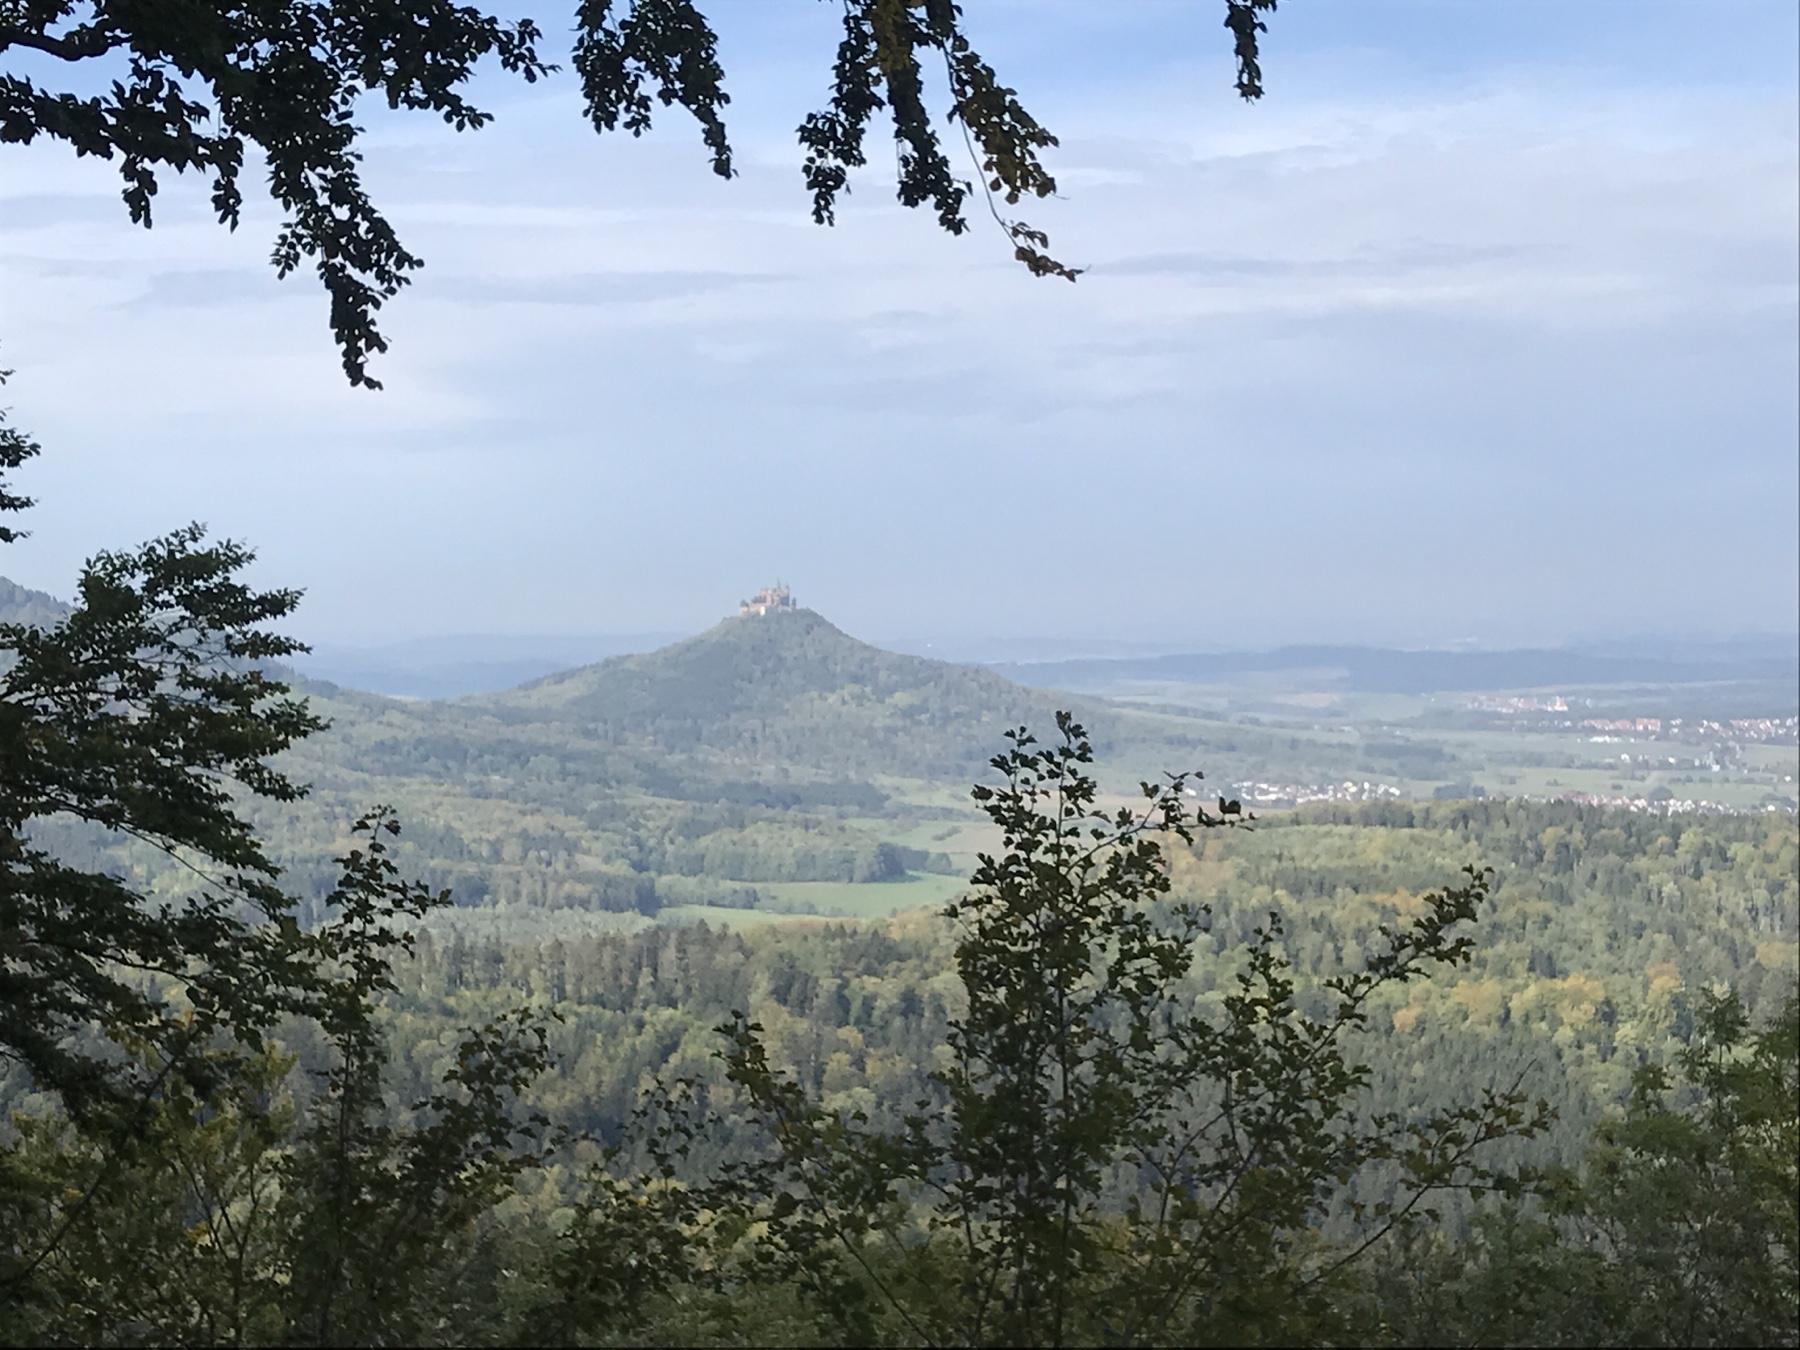 Albsteig HW1, Blick auf die Burg Hohenzollern